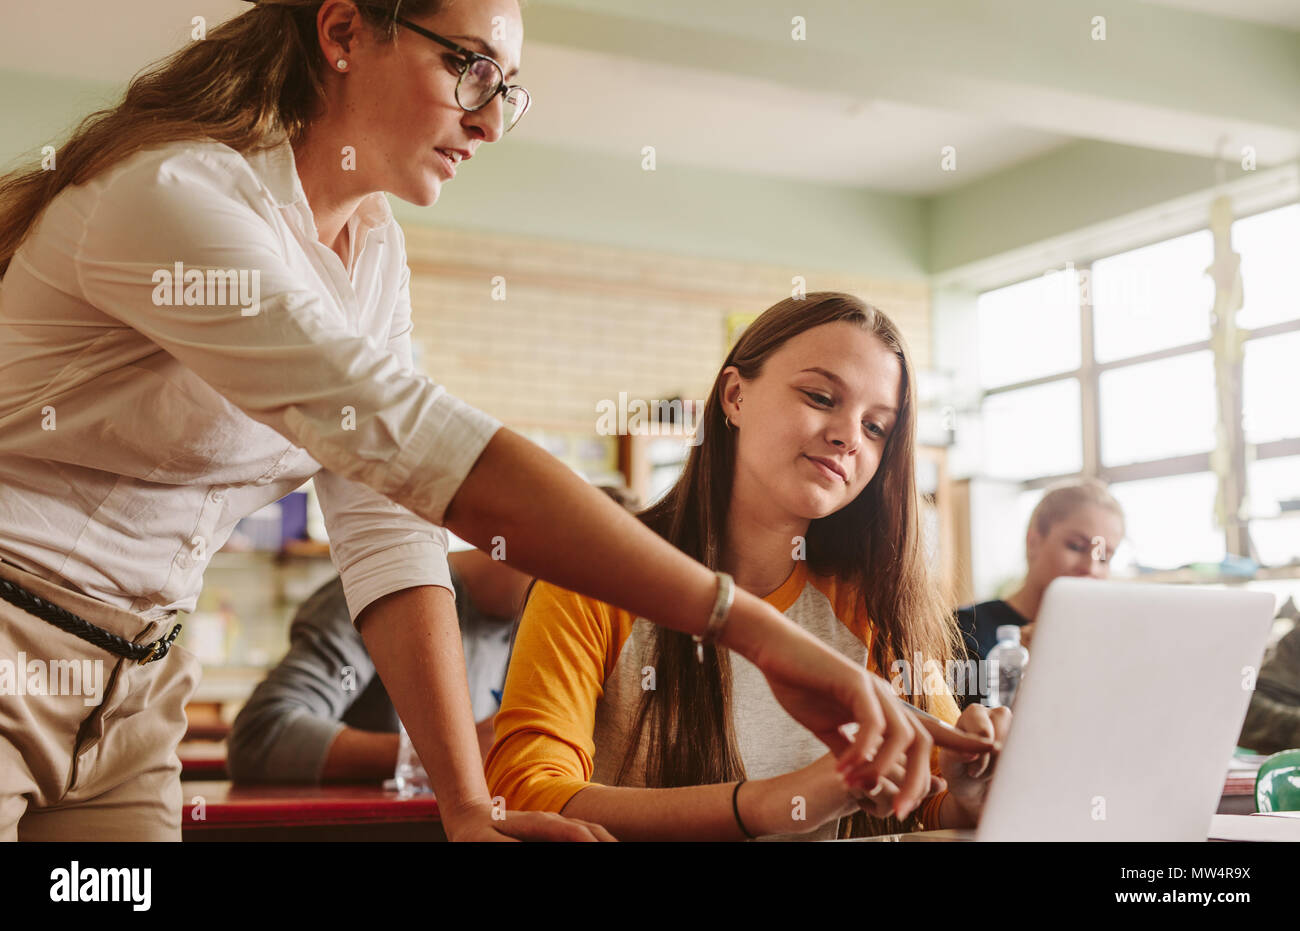 Aider les élèves de l'enseignant en classe. Maître pointant sur l'écran du portable et montrant quelque chose à l'élève. Photo Stock